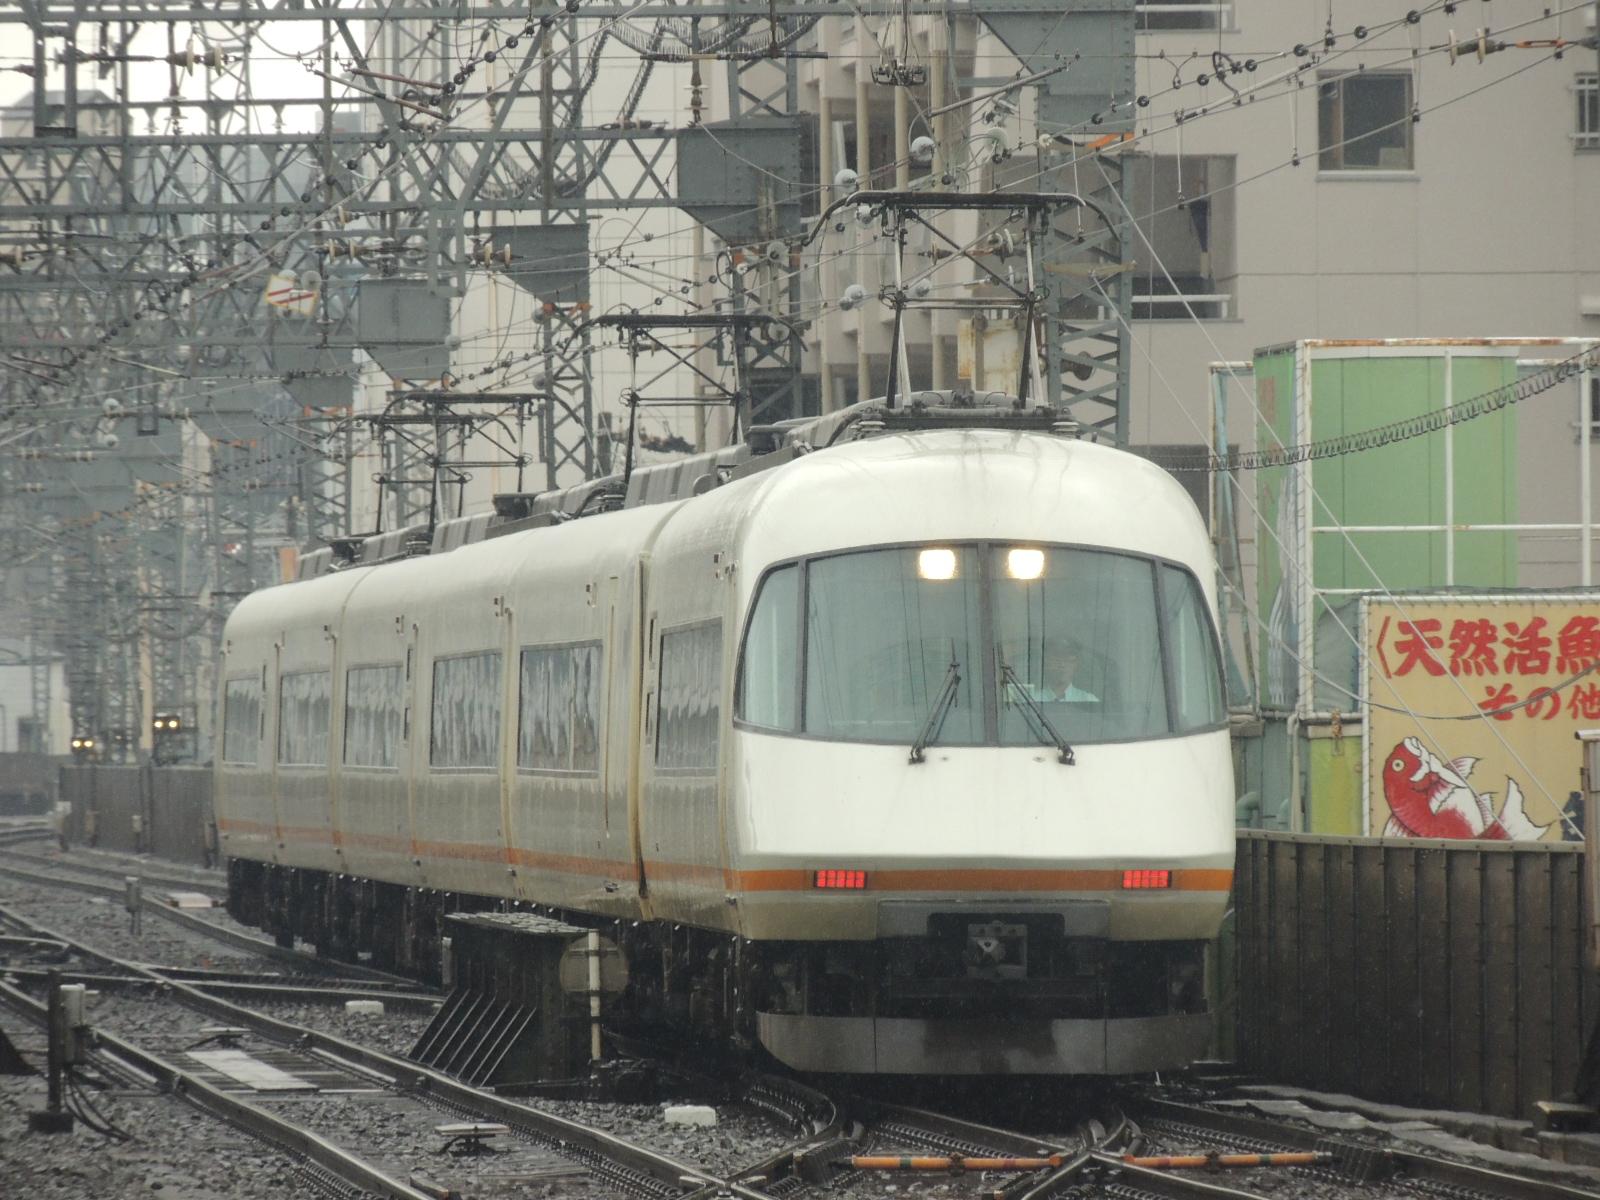 近鉄アーバンライナー 鶴橋 (3)